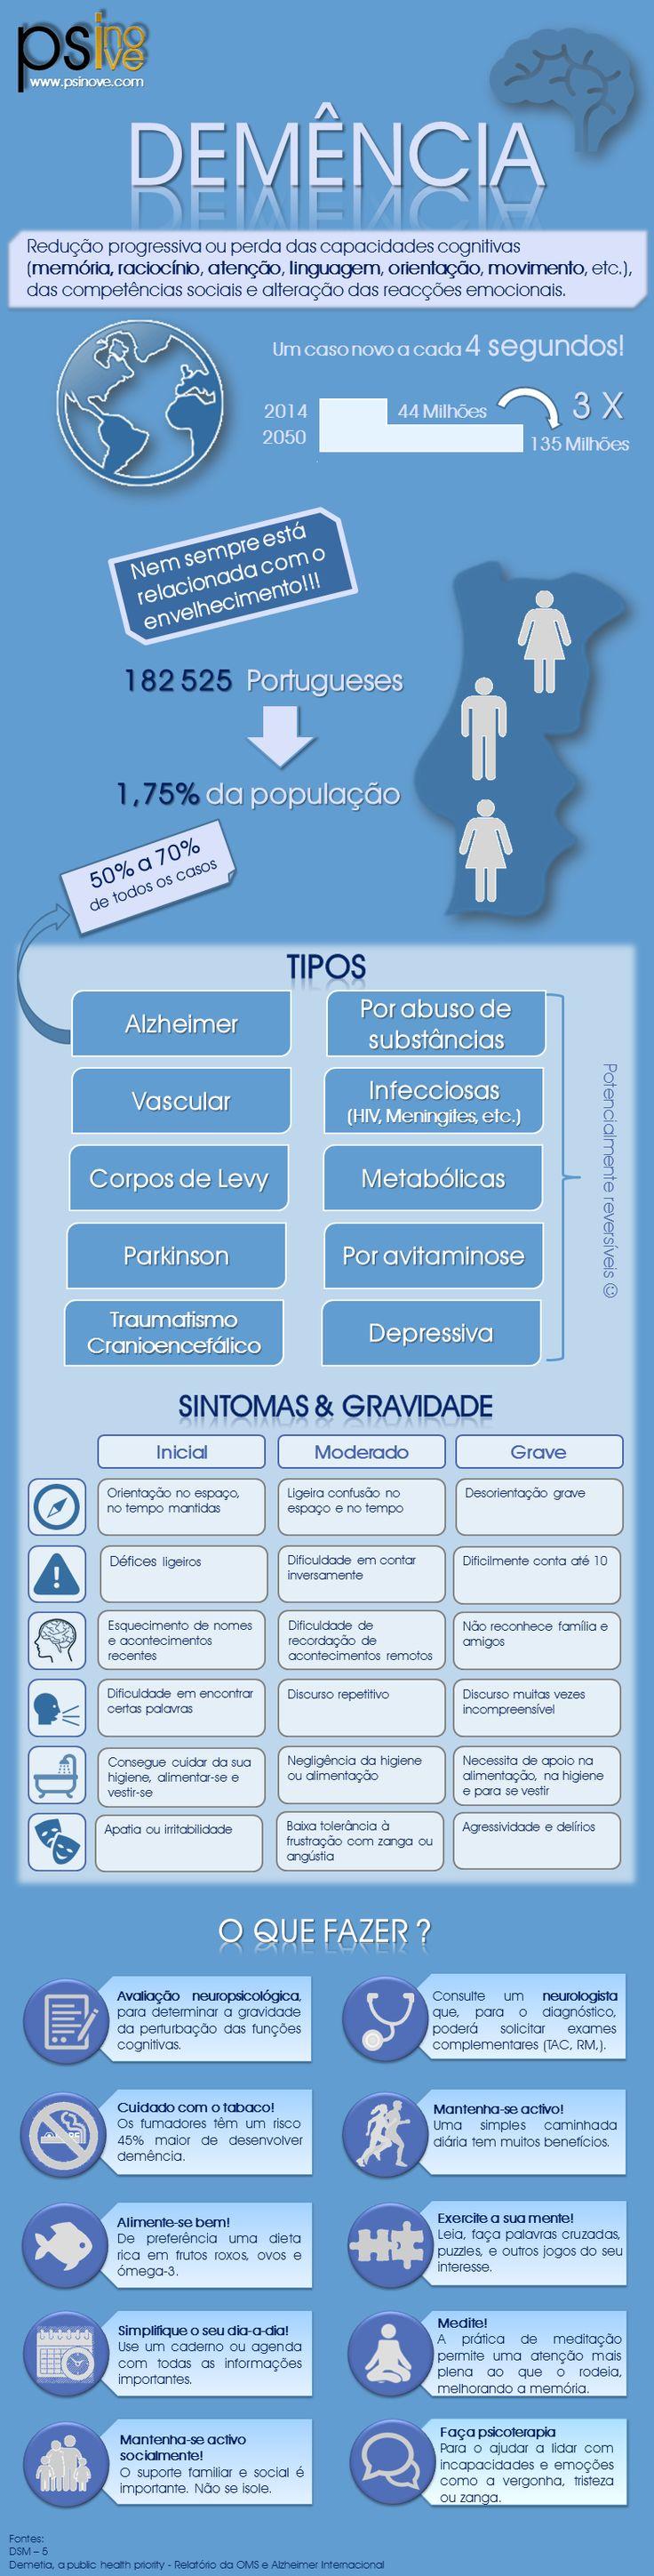 Demência: o  que é, prevalência, tipos, sintomas e o que fazer. www.psinove.com contacto@psinove.com